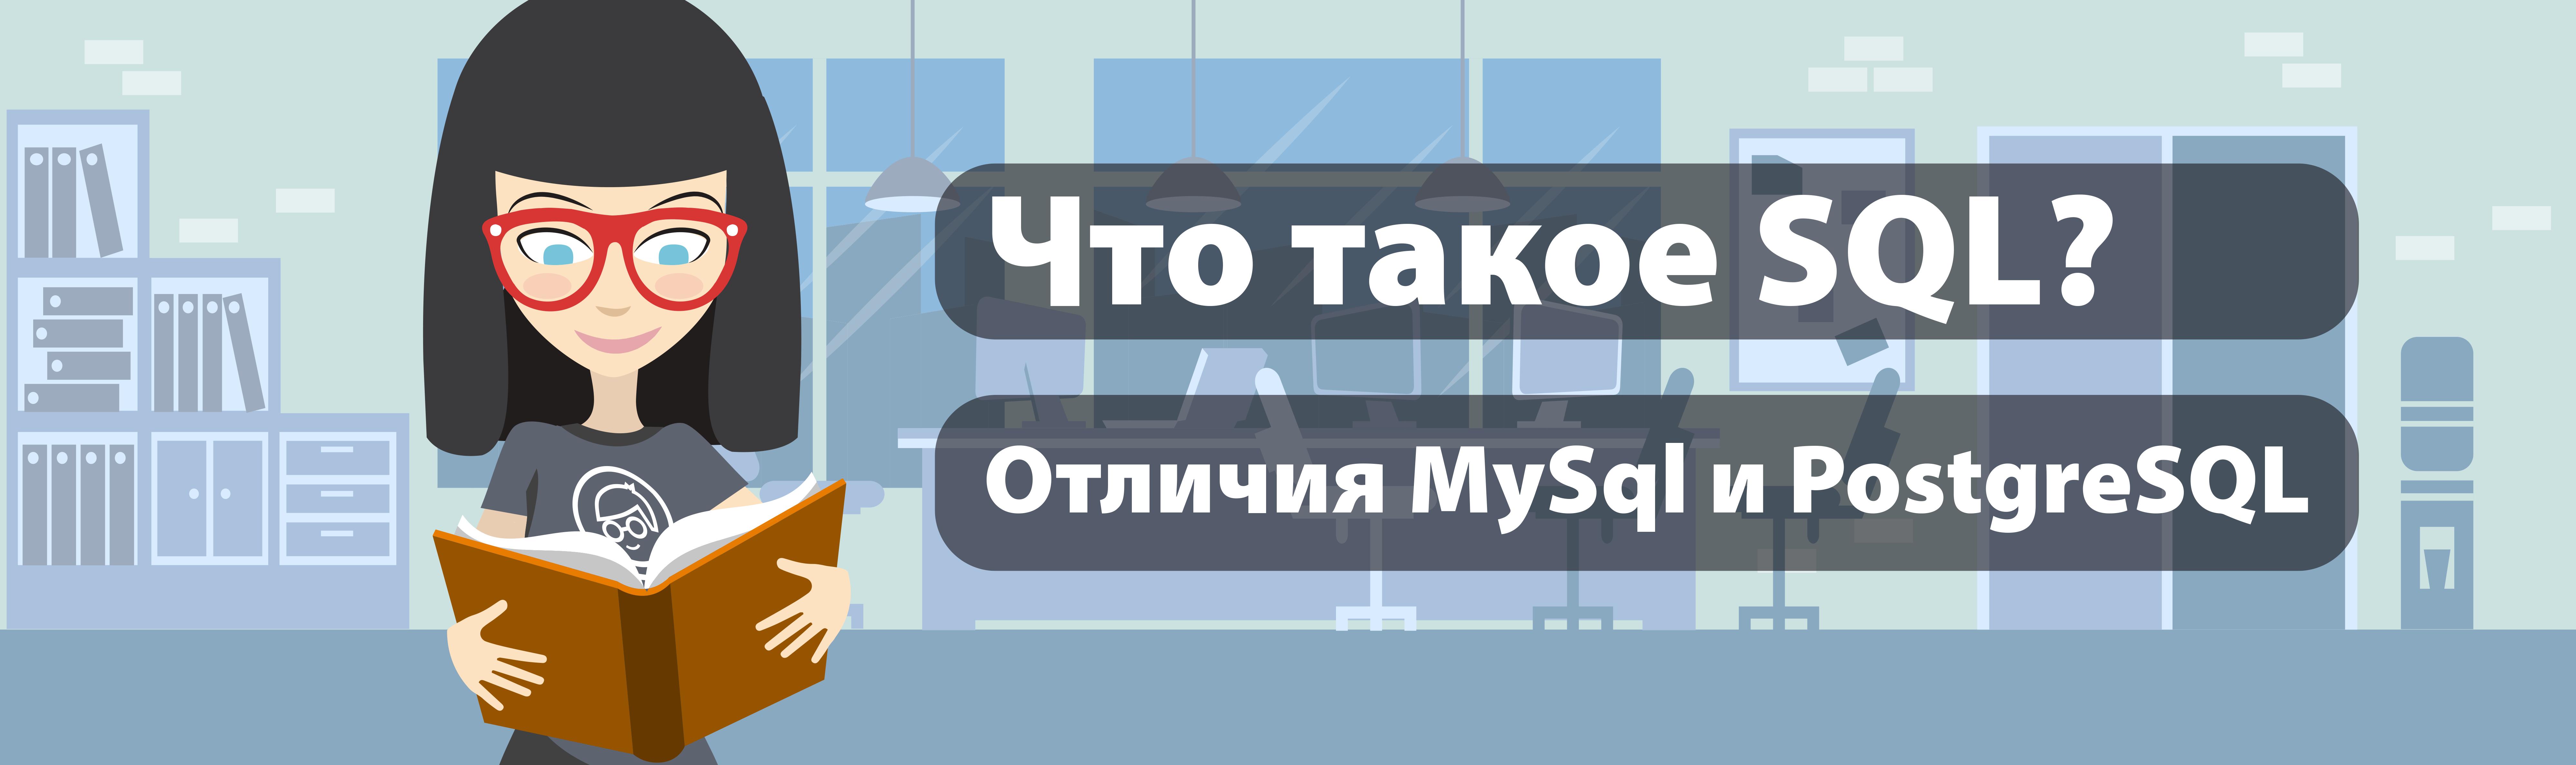 https://webhost1.ru/upload/email/2021/WEBHOST-SQL-1.png